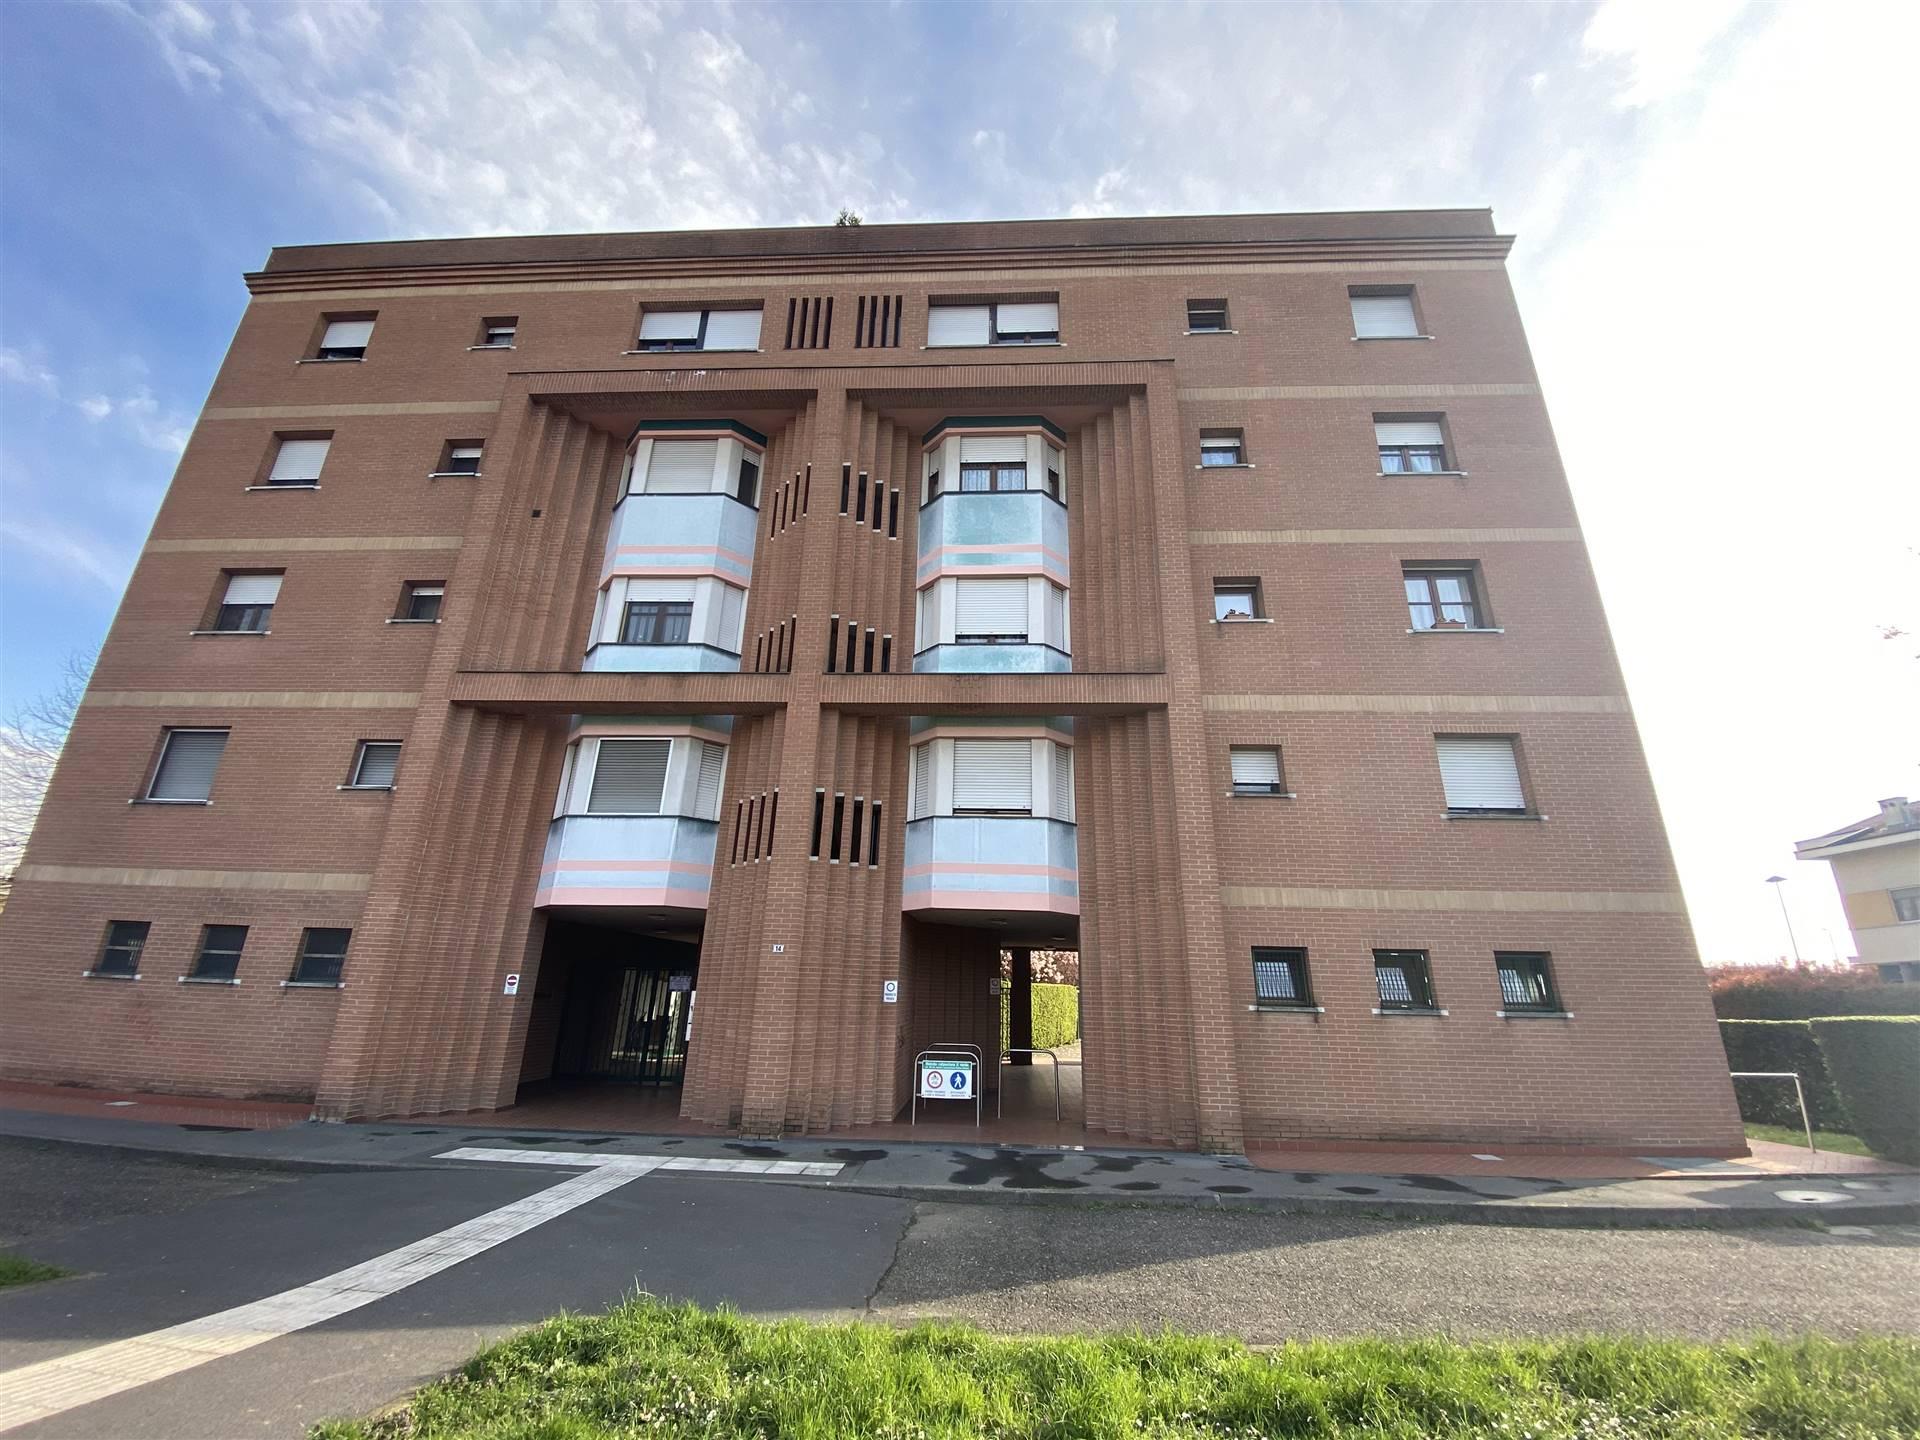 Attico / Mansarda in vendita a Bollate, 5 locali, prezzo € 355.000 | PortaleAgenzieImmobiliari.it